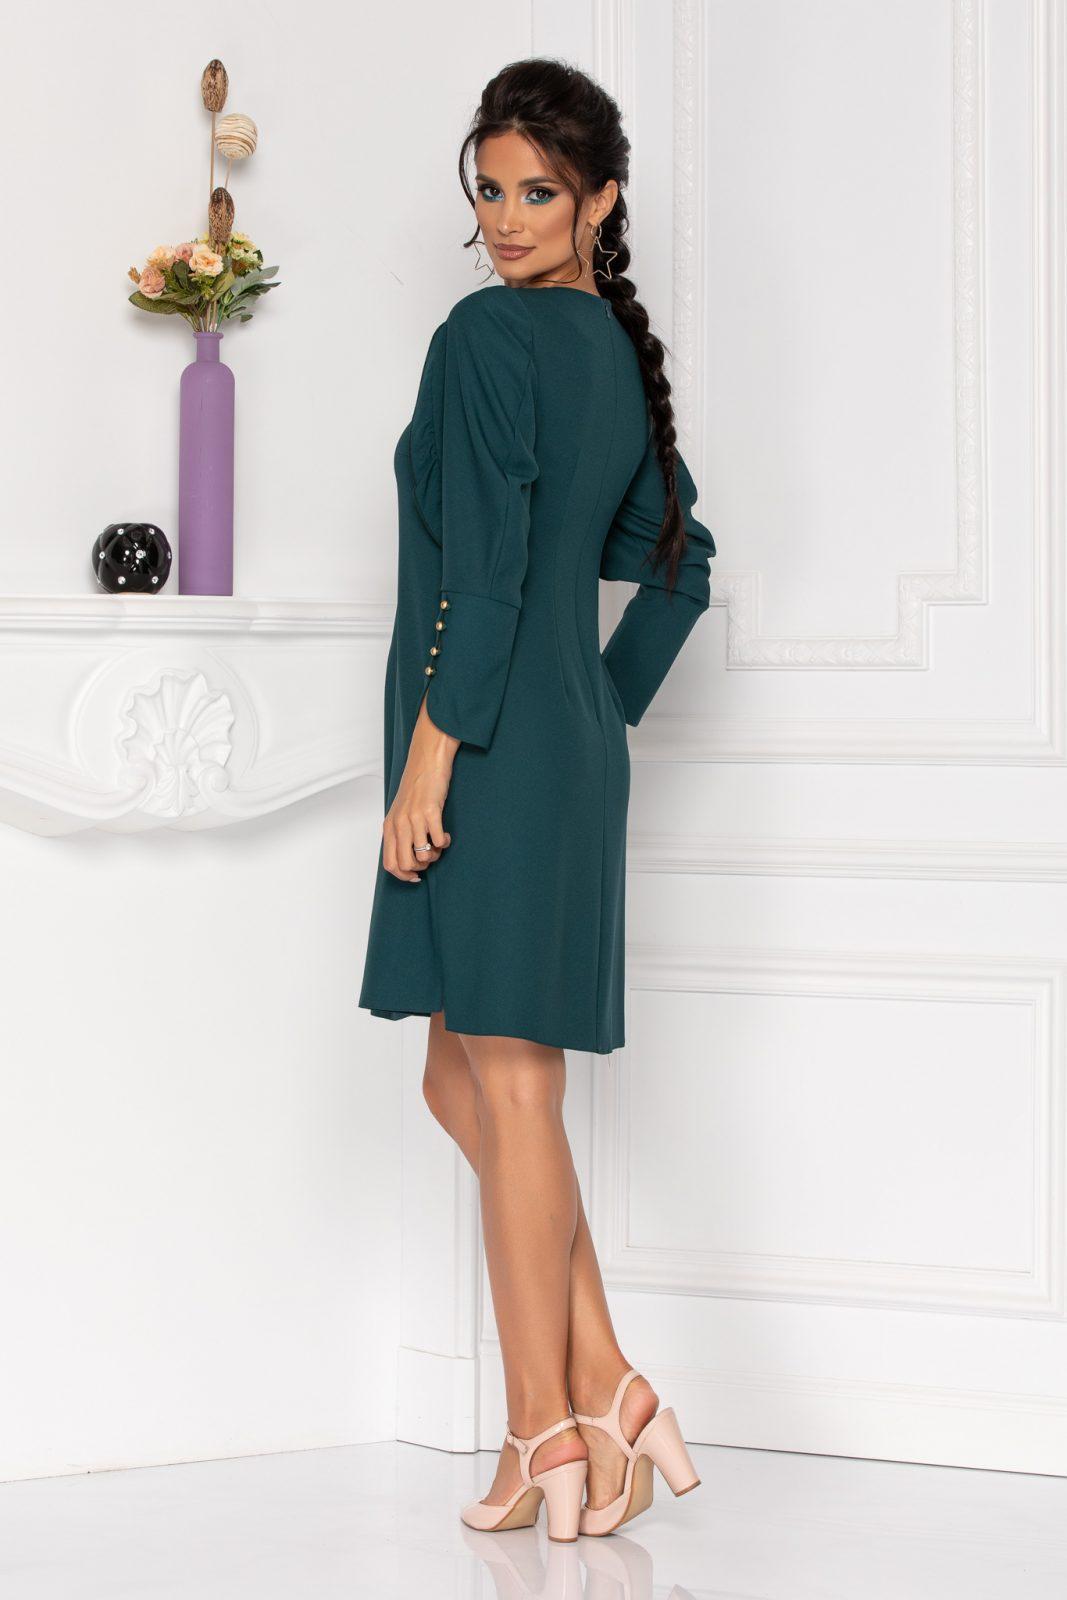 Πράσινο Φόρεμα Με Μακρύ Μανίκι Moze Flavia 8431 1